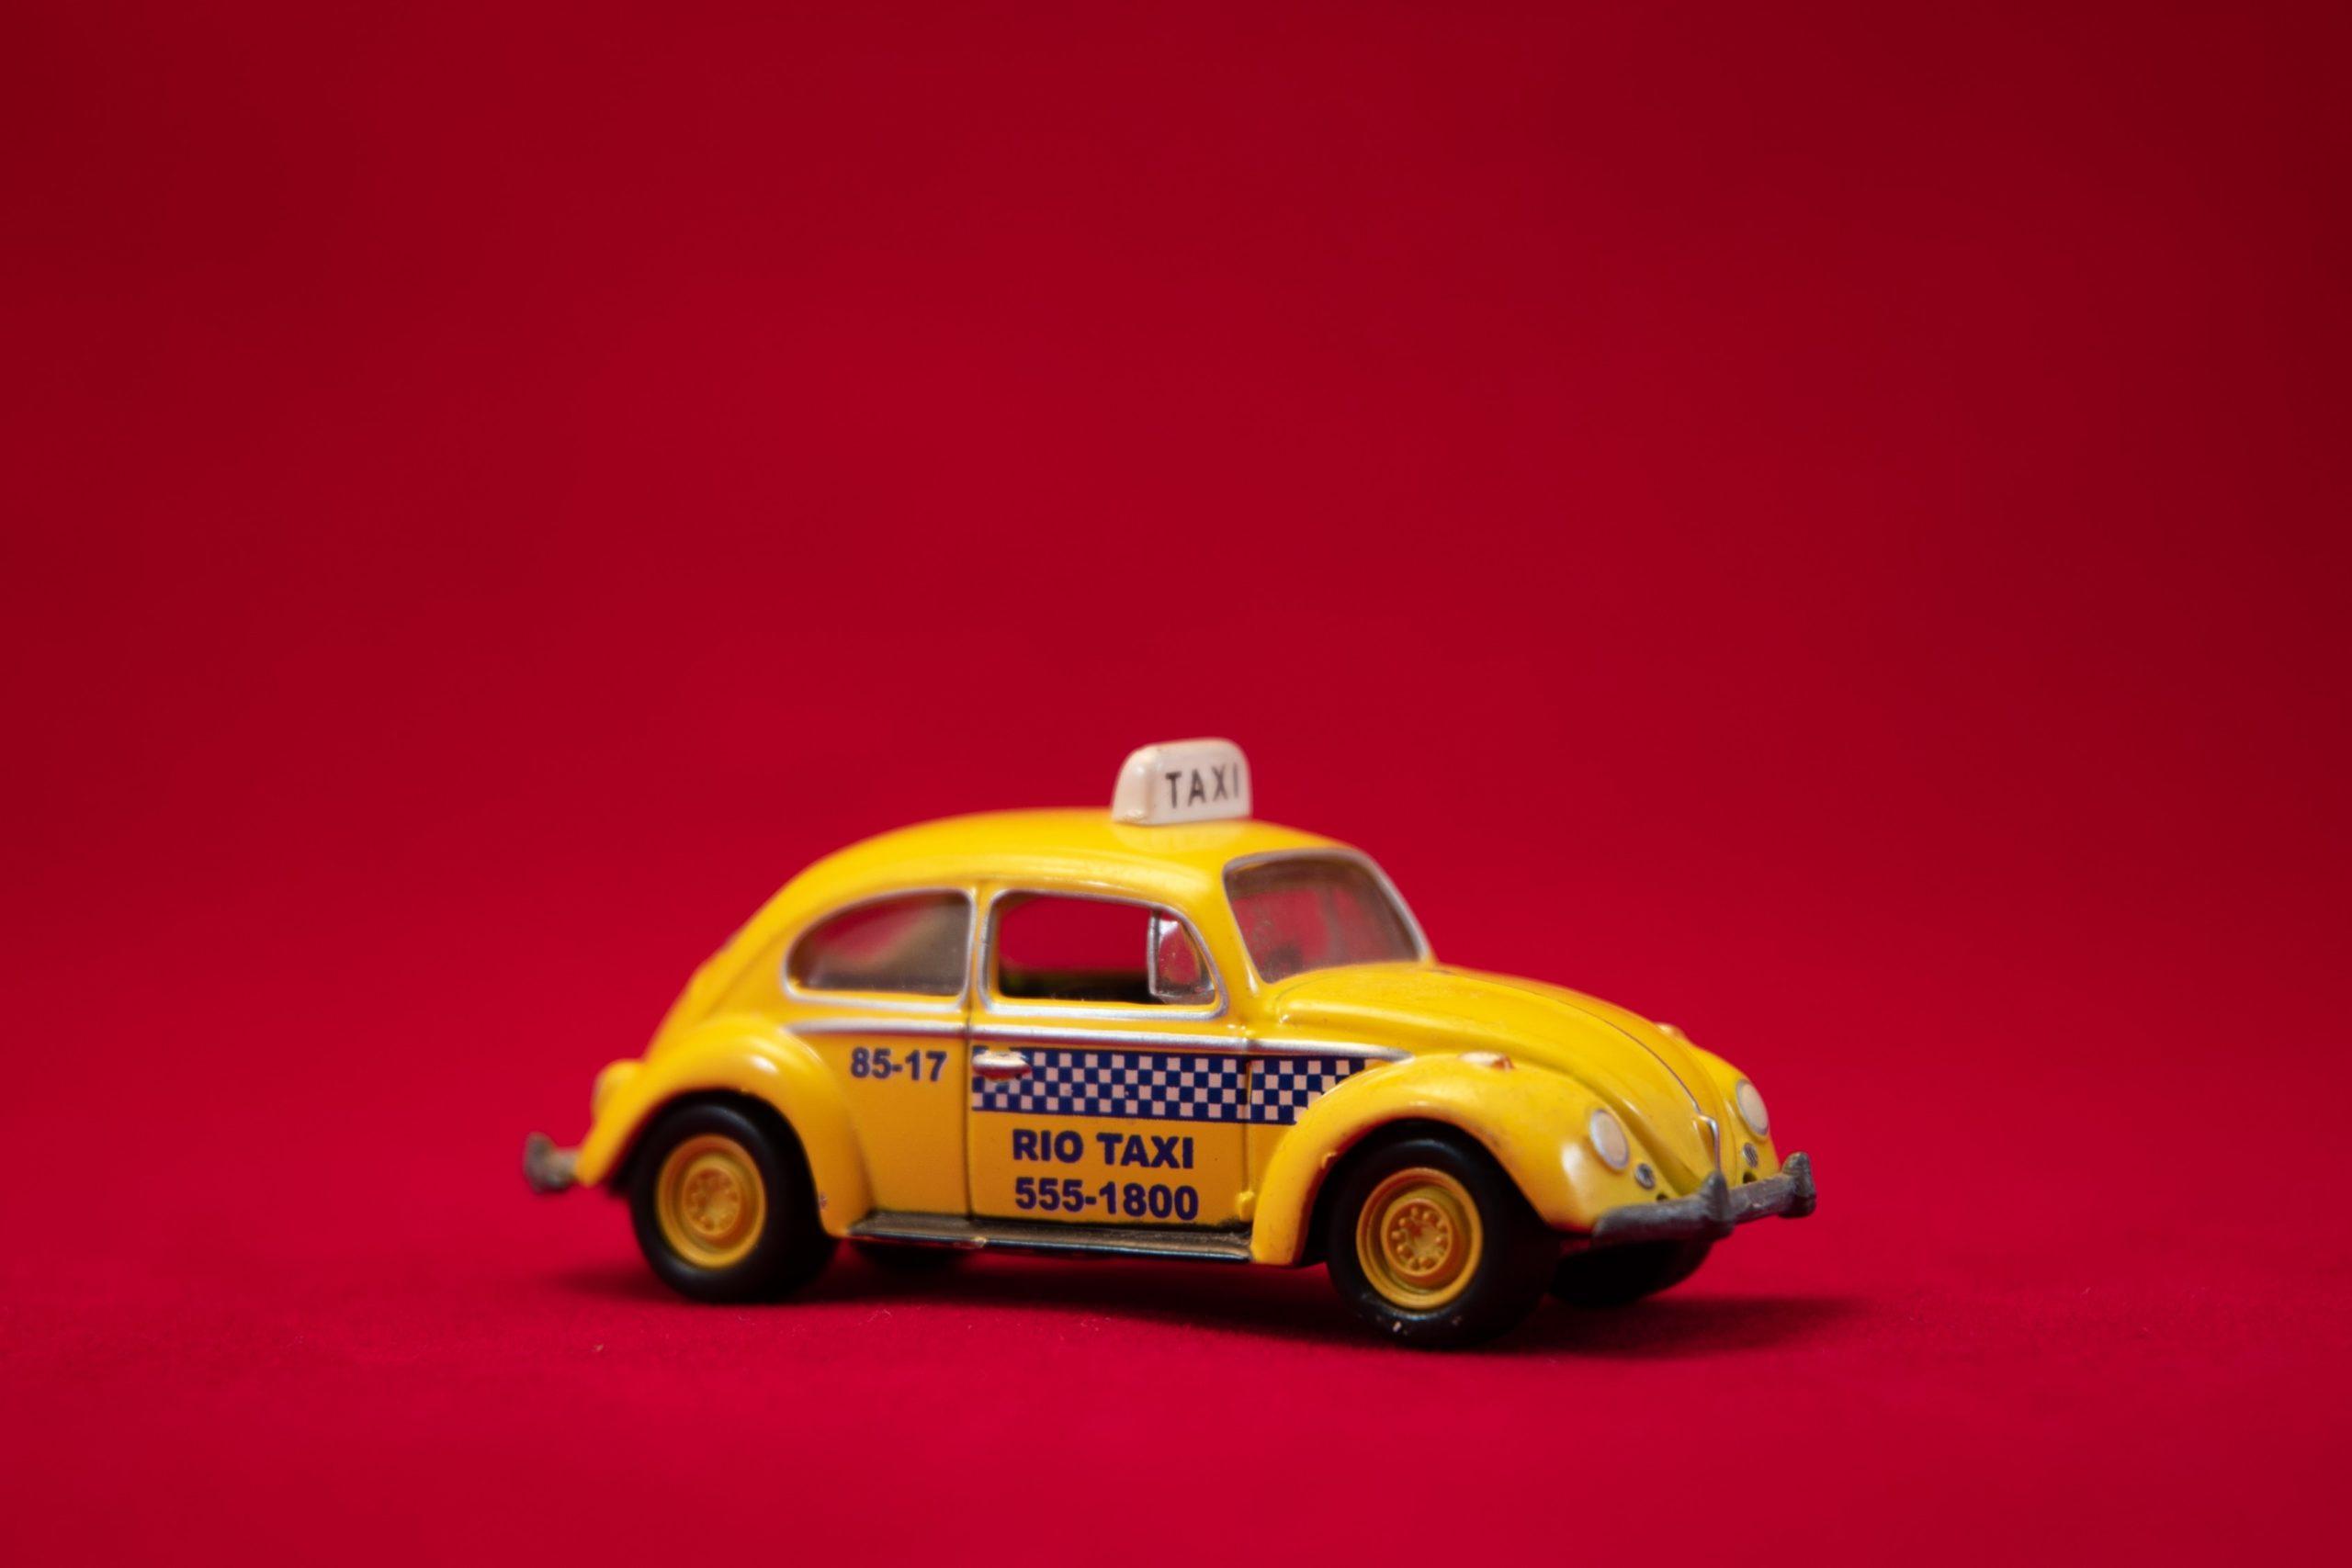 【お仕事漫画】タクシー運転手の仕事をリアルに描いたおすすめ漫画